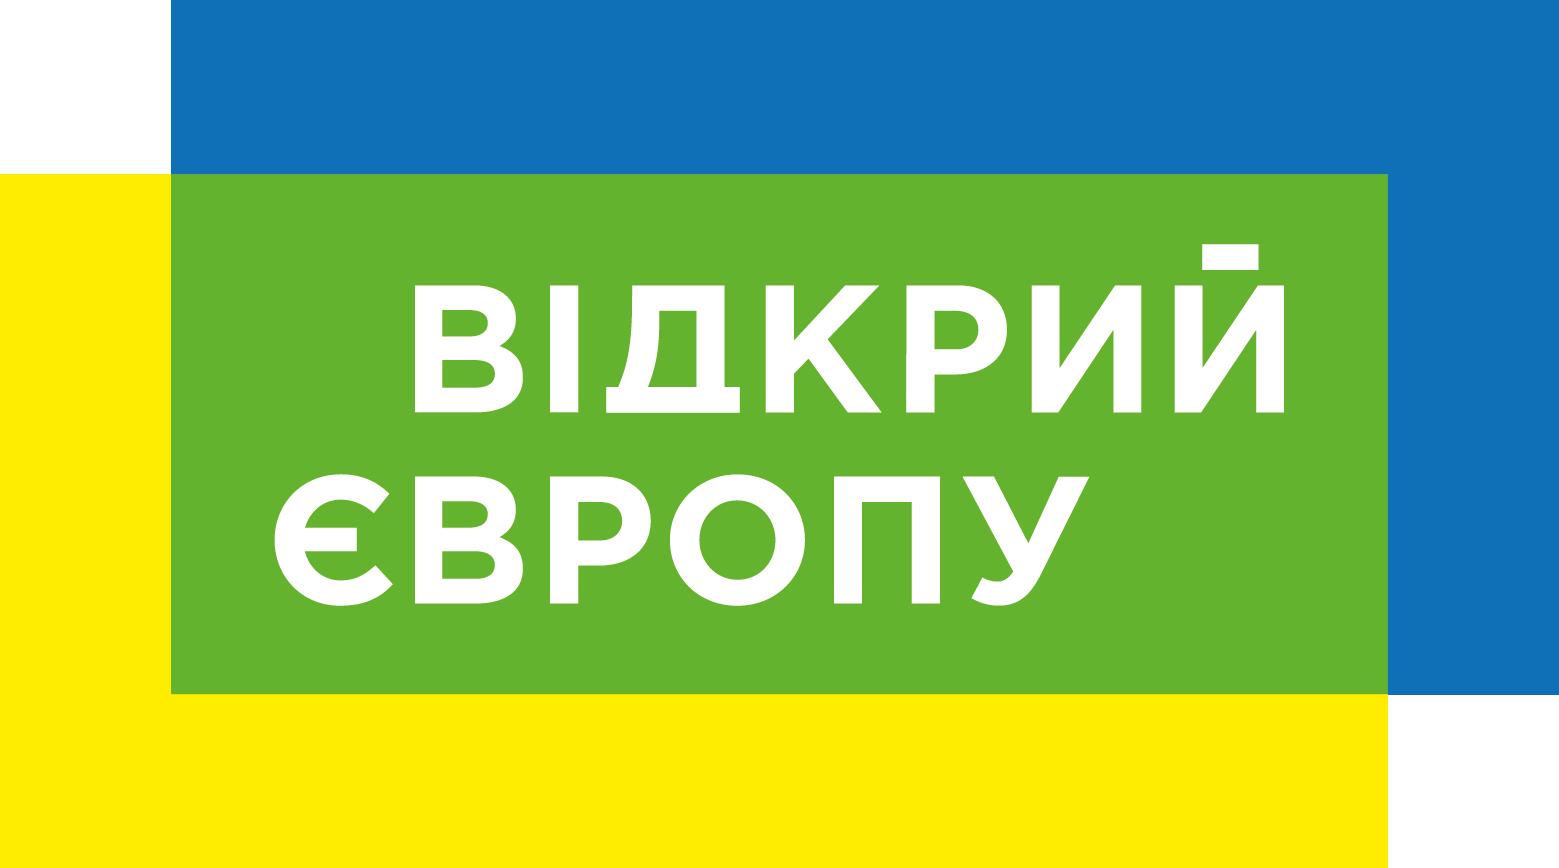 Лого Відрий Європу